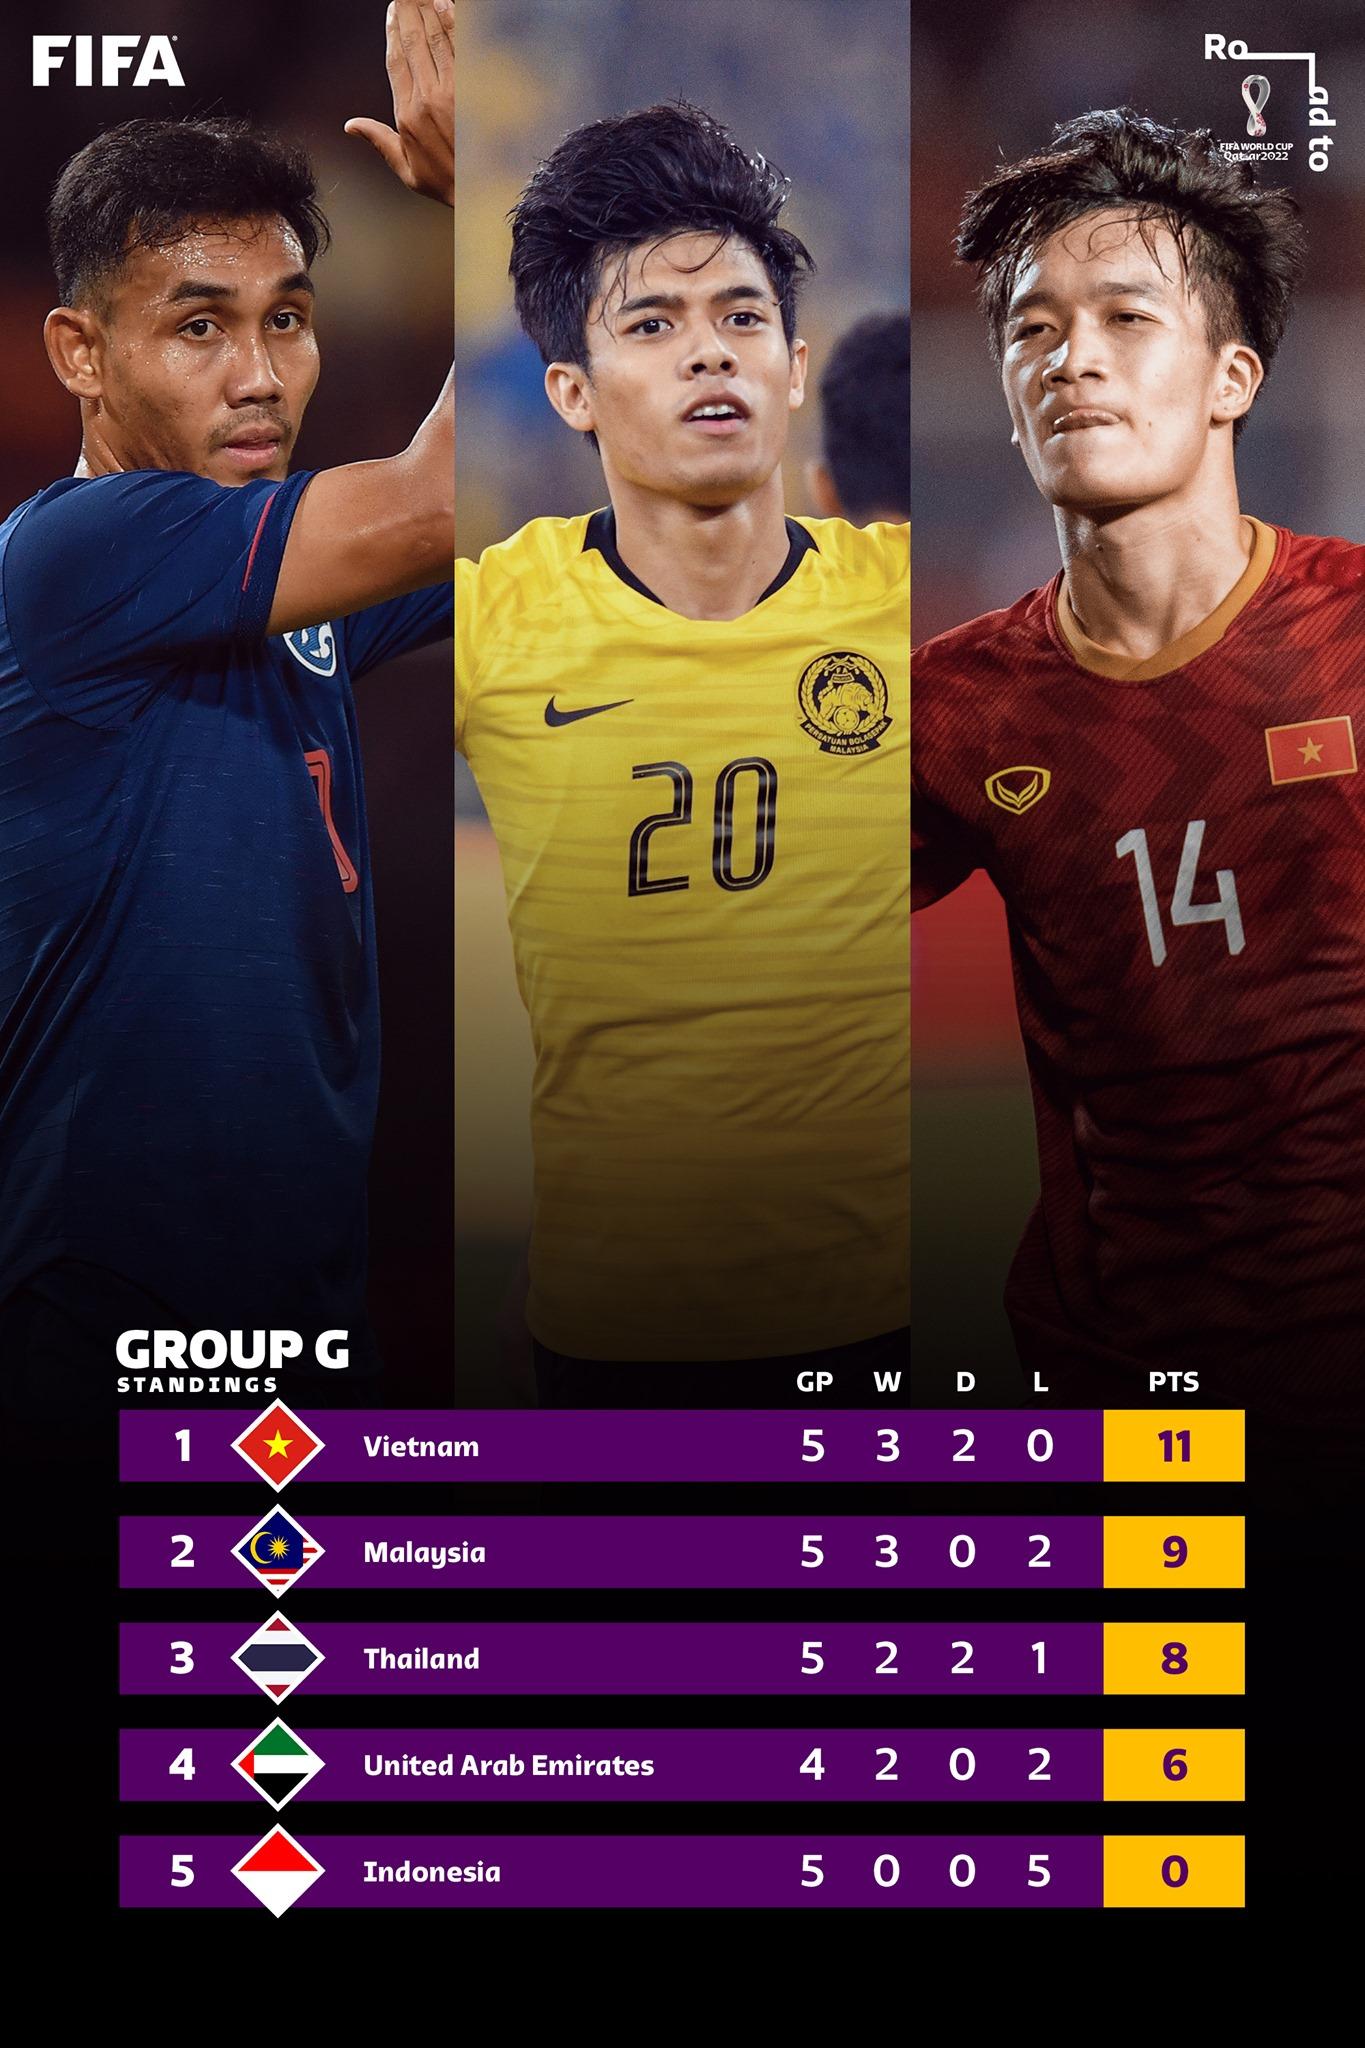 Căng như dây đàn bảng đấu của tuyển Việt Nam tại VL World Cup